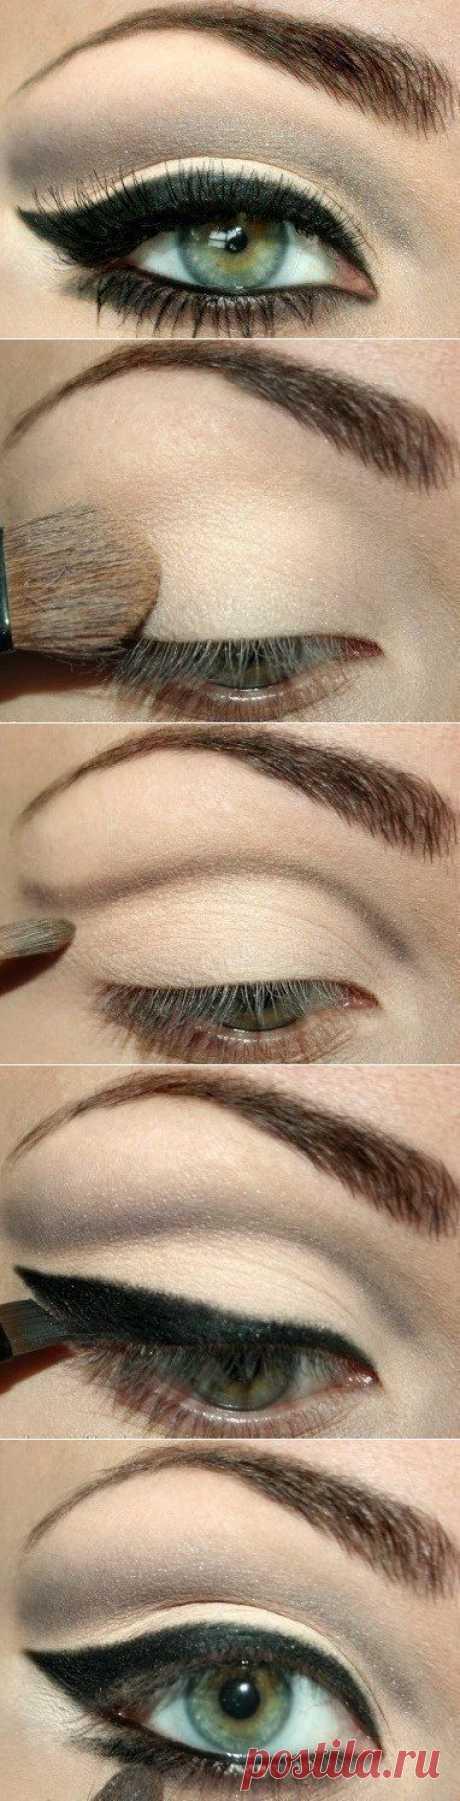 Фото-урок макияжа.